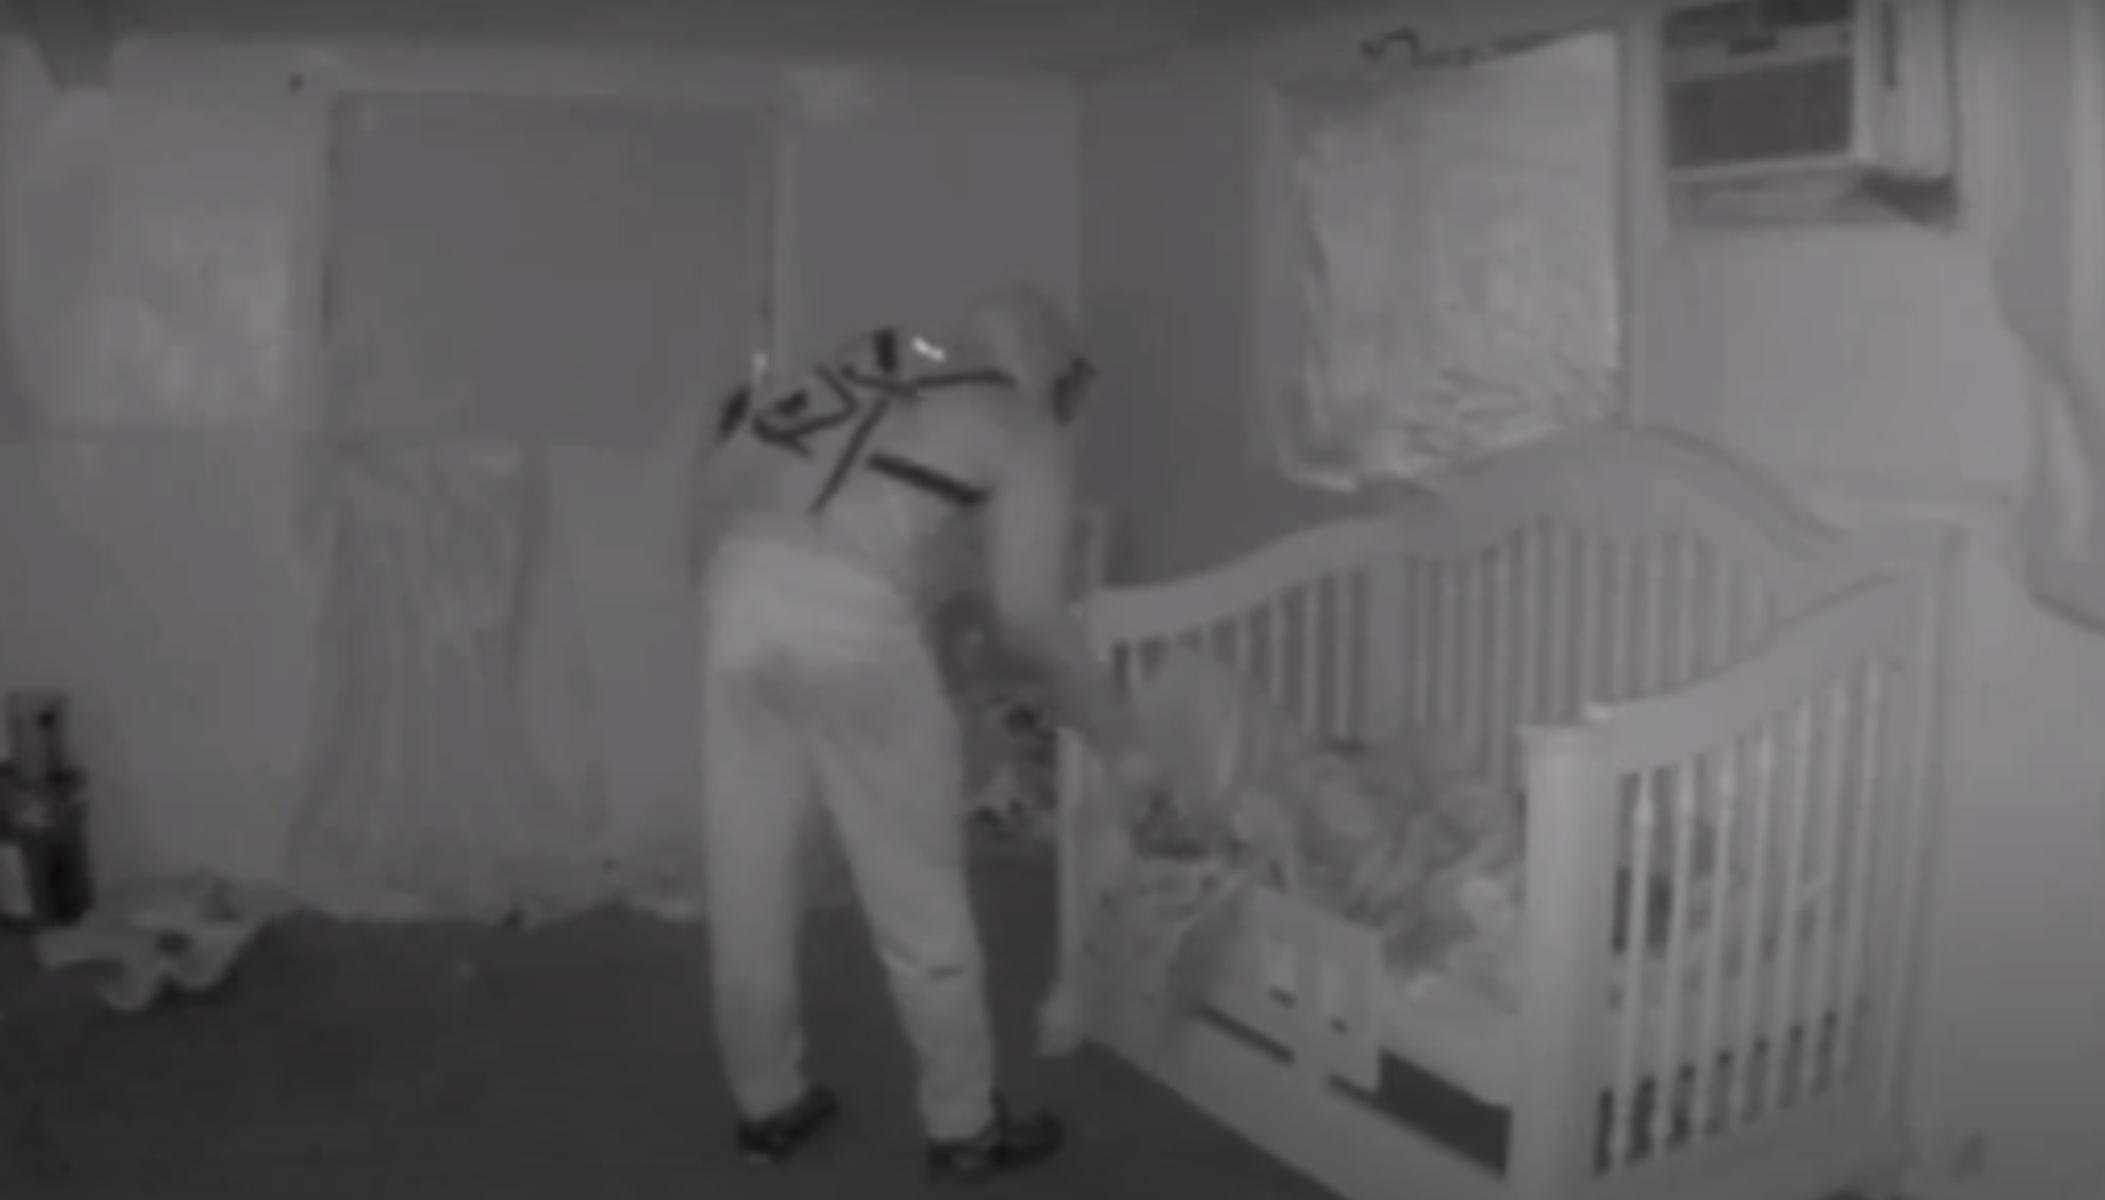 Βίντεο ντοκουμέντο: Η στιγμή της απαγωγής τετράχρονου που βρήκε φρικτό θάνατο με μαχαίρι